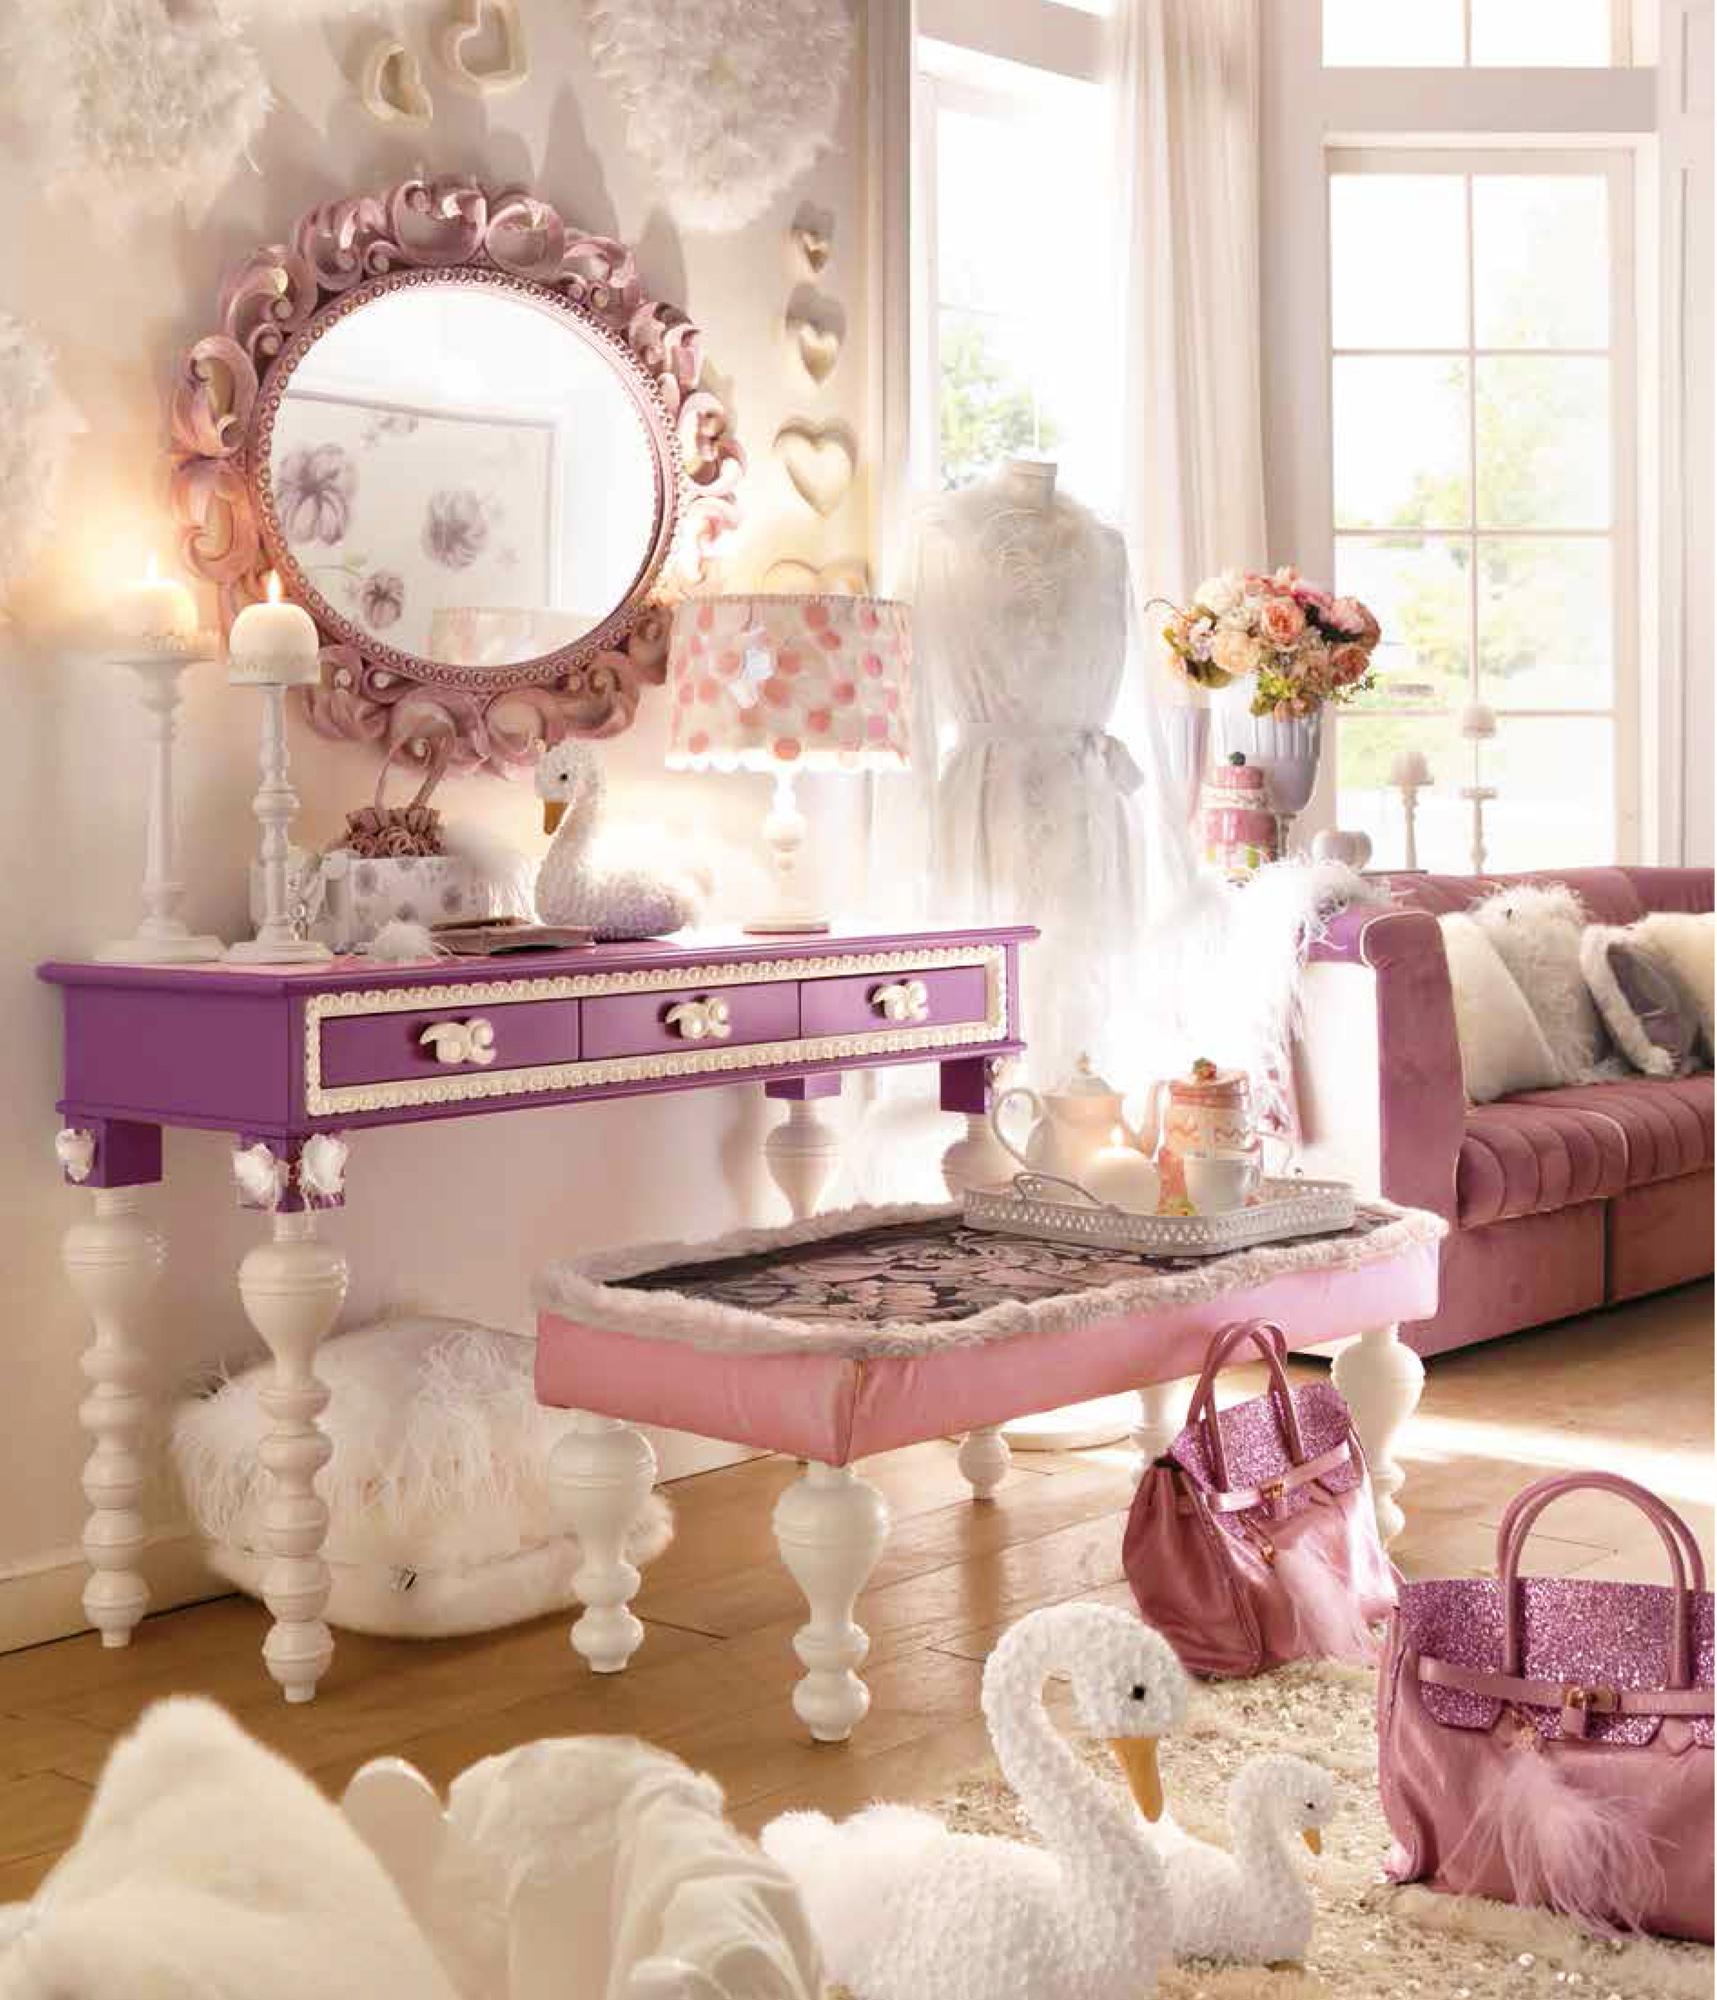 Opter une chambre ado fille sur mesure: c'est pas plus cher!